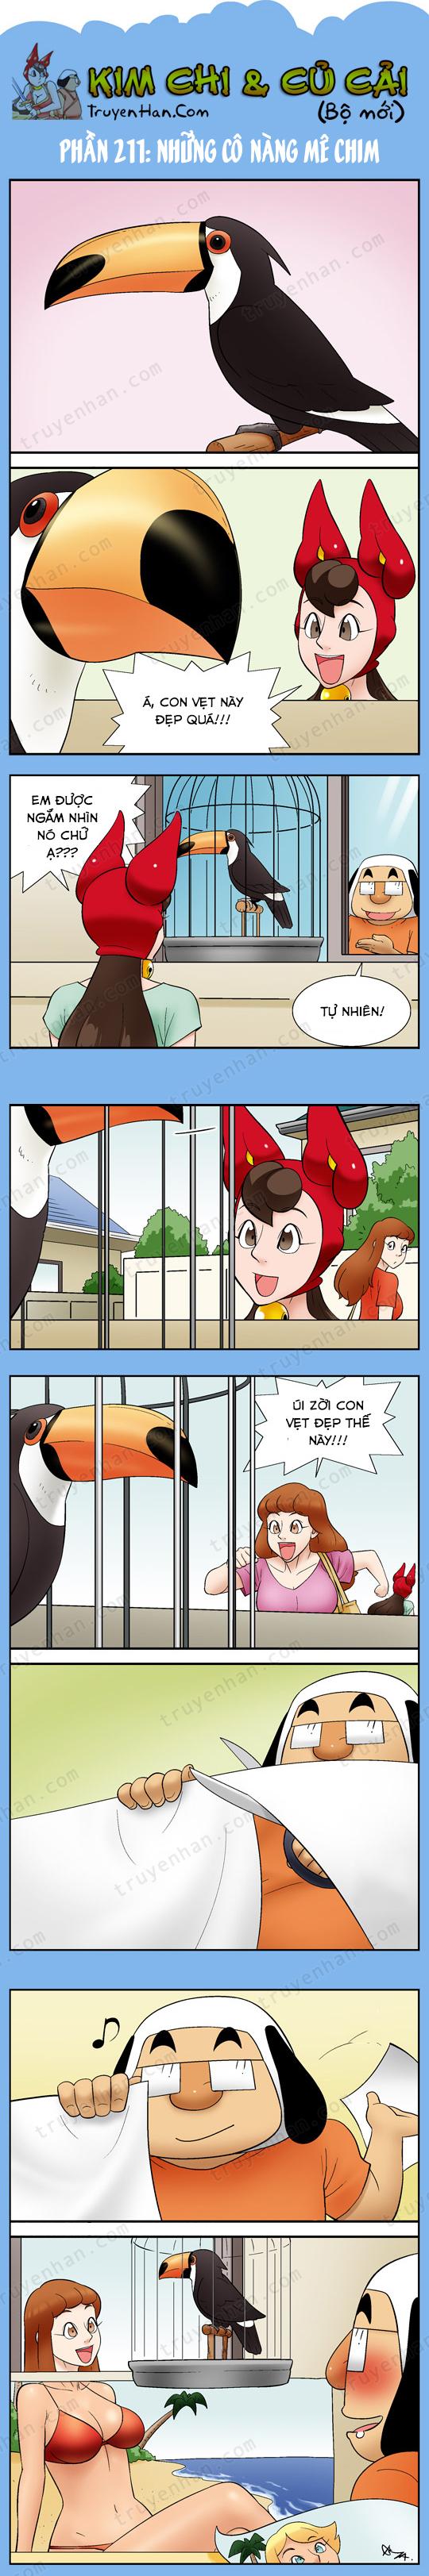 Kim Chi & Củ Cải (bộ mới) phần 211: Những cô nàng mê chim